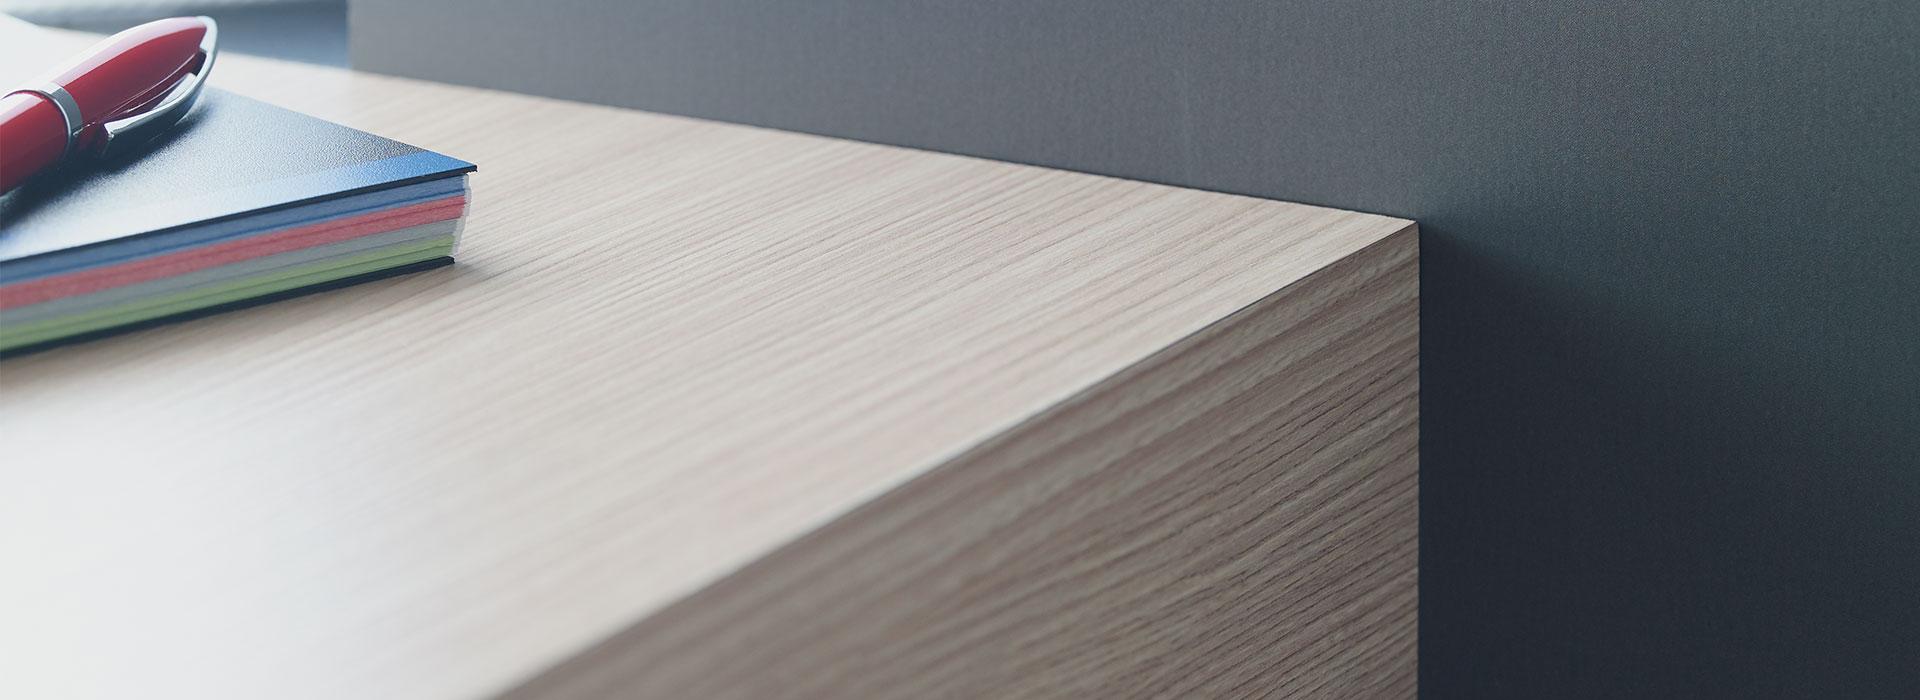 Formica® TFL Program Tabletop 8844 Aged Ash